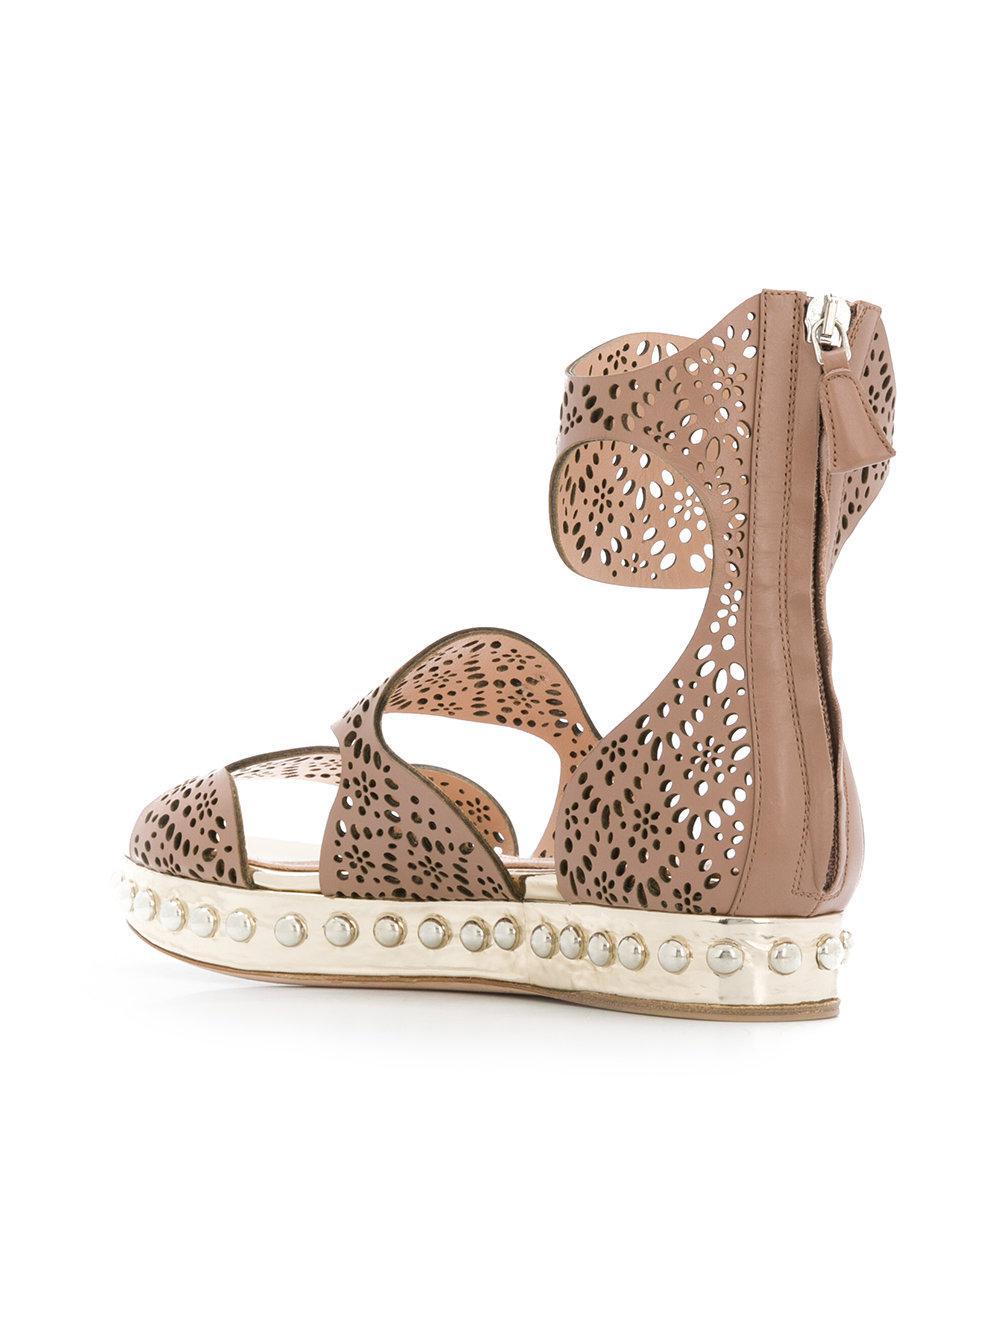 perforated strap sandals - Nude & Neutrals Giambattista Valli Ytq8AQ6XWl